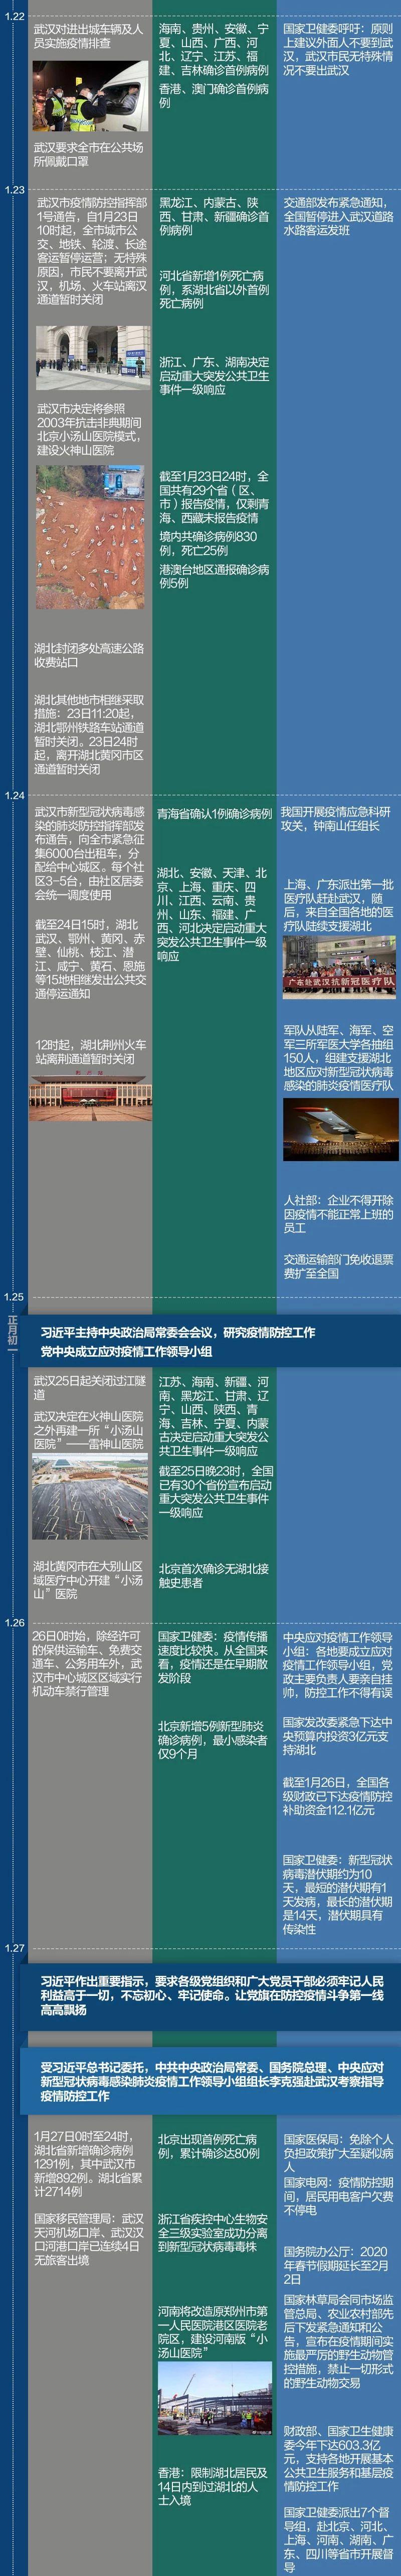 中国战疫时间线(至2月6日)坚决打赢疫情防控阻击战插图3